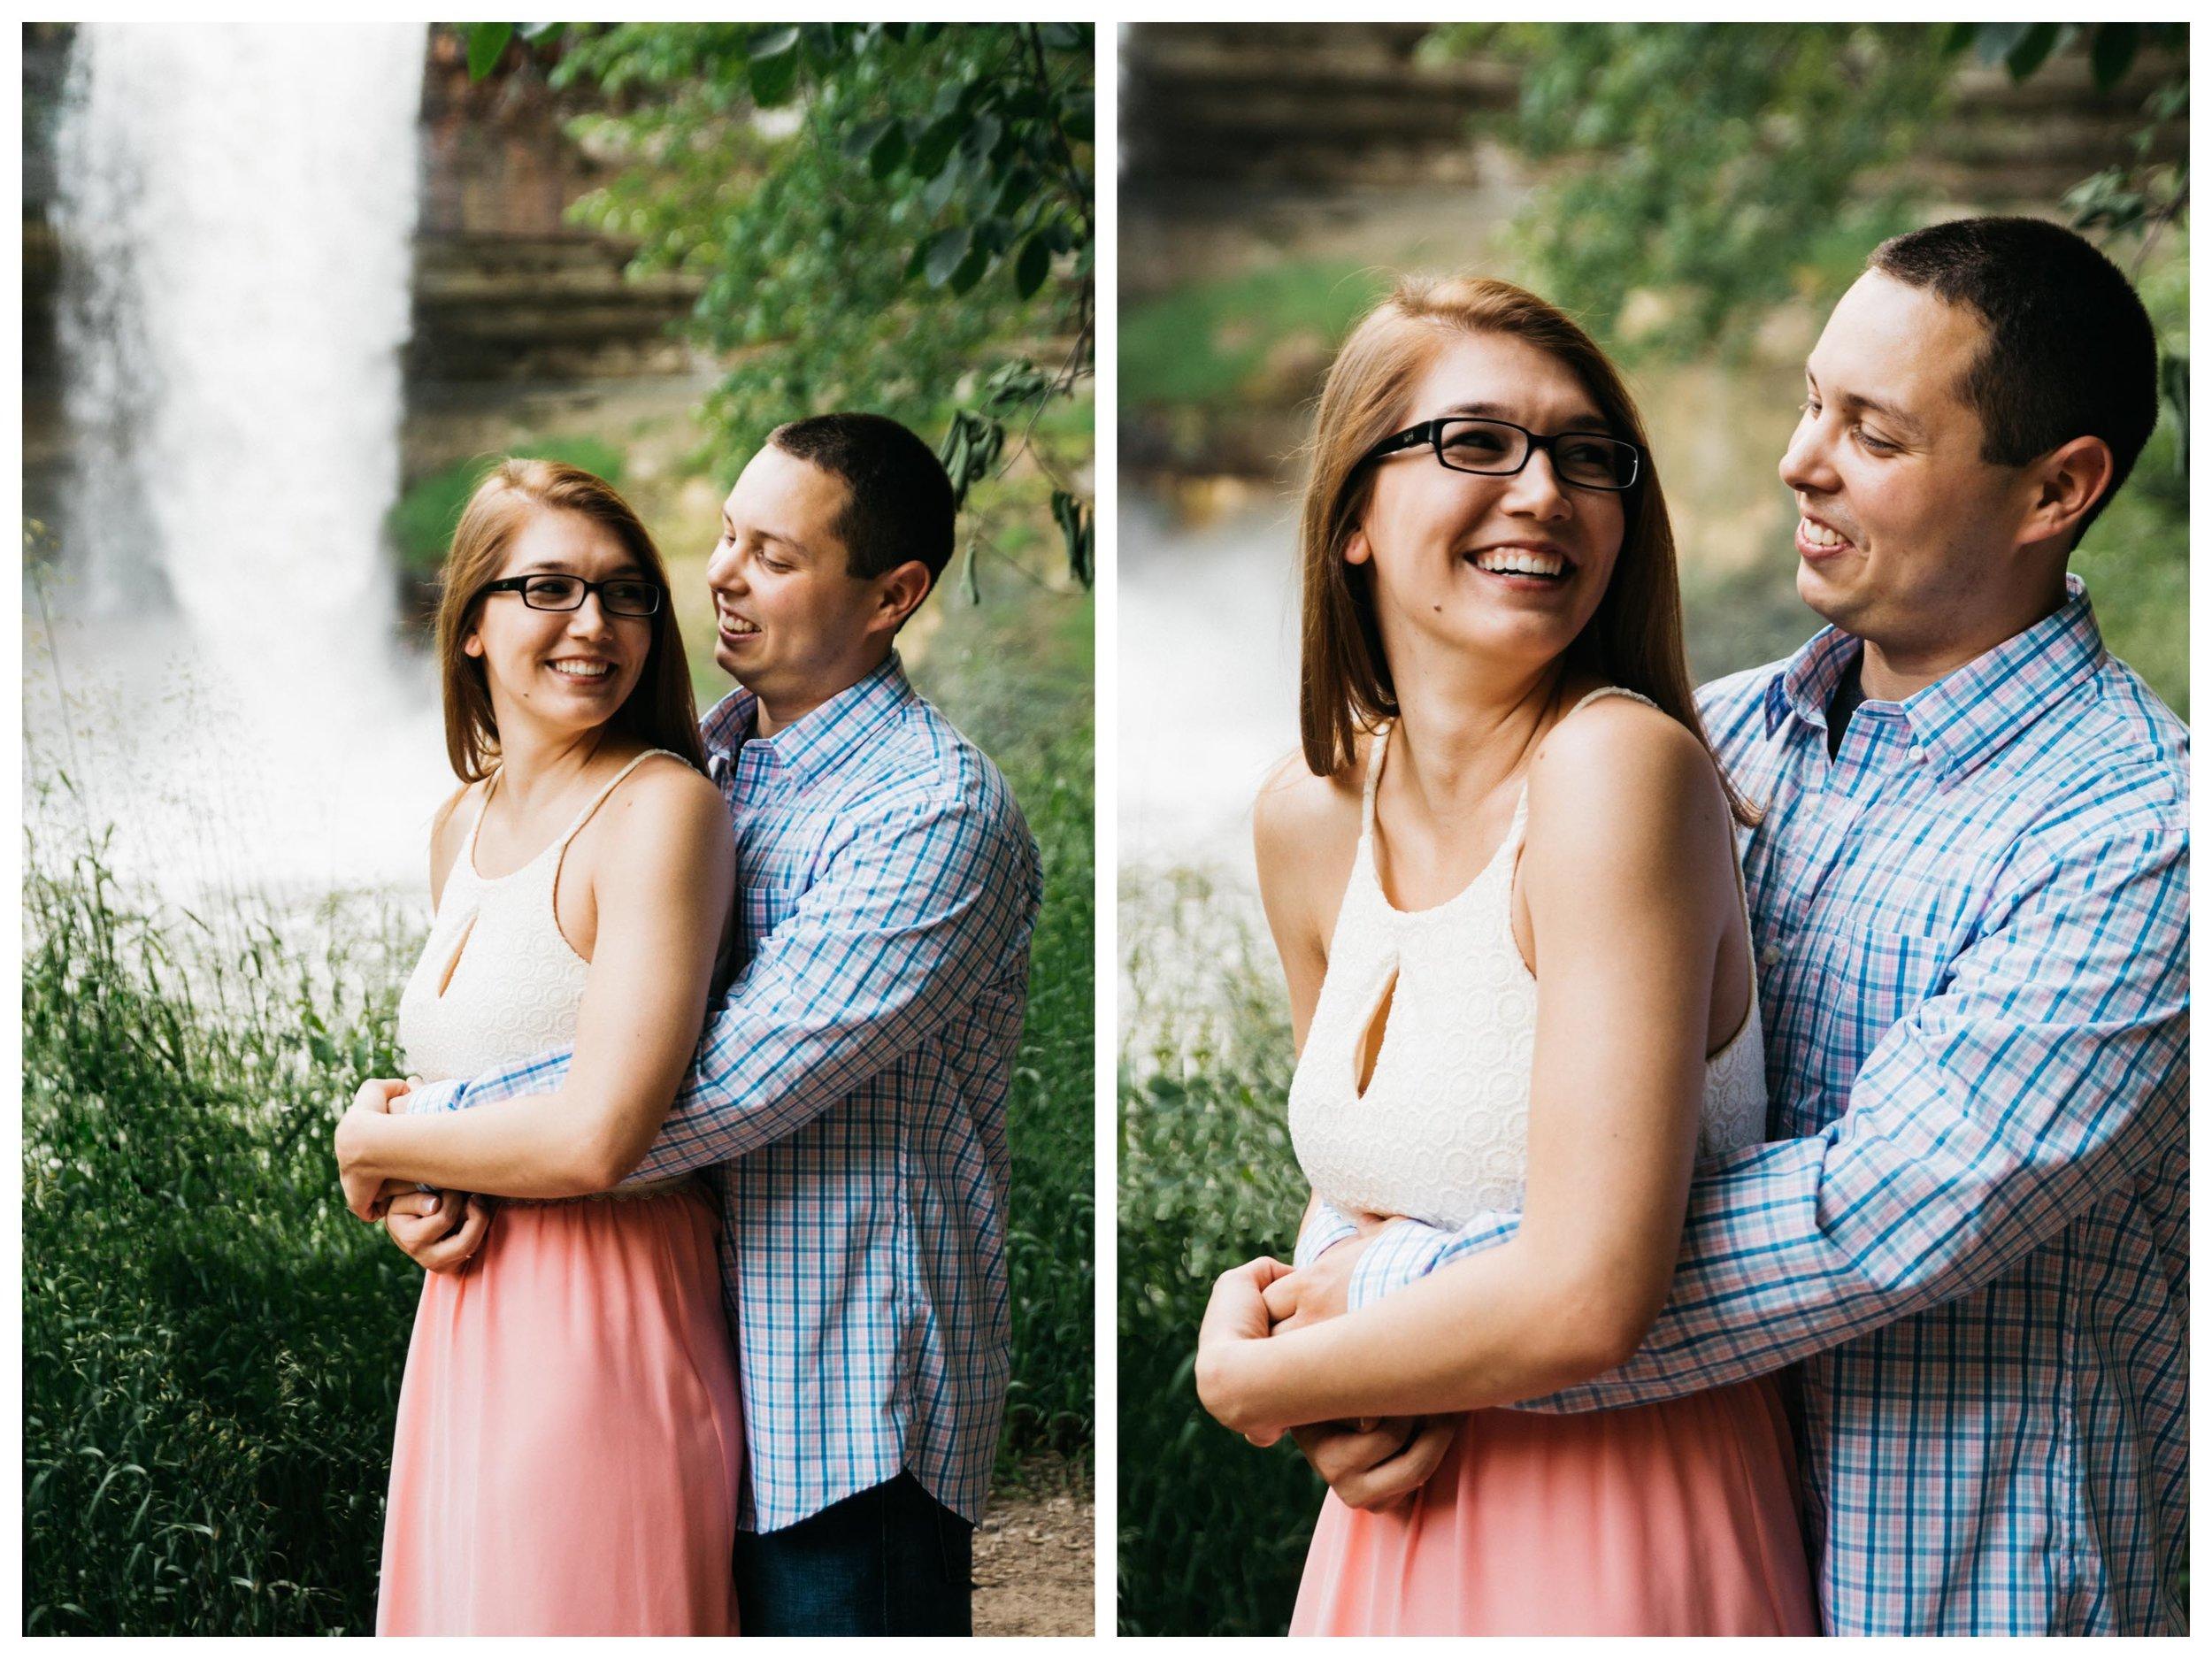 Amy and Nick-2.jpg